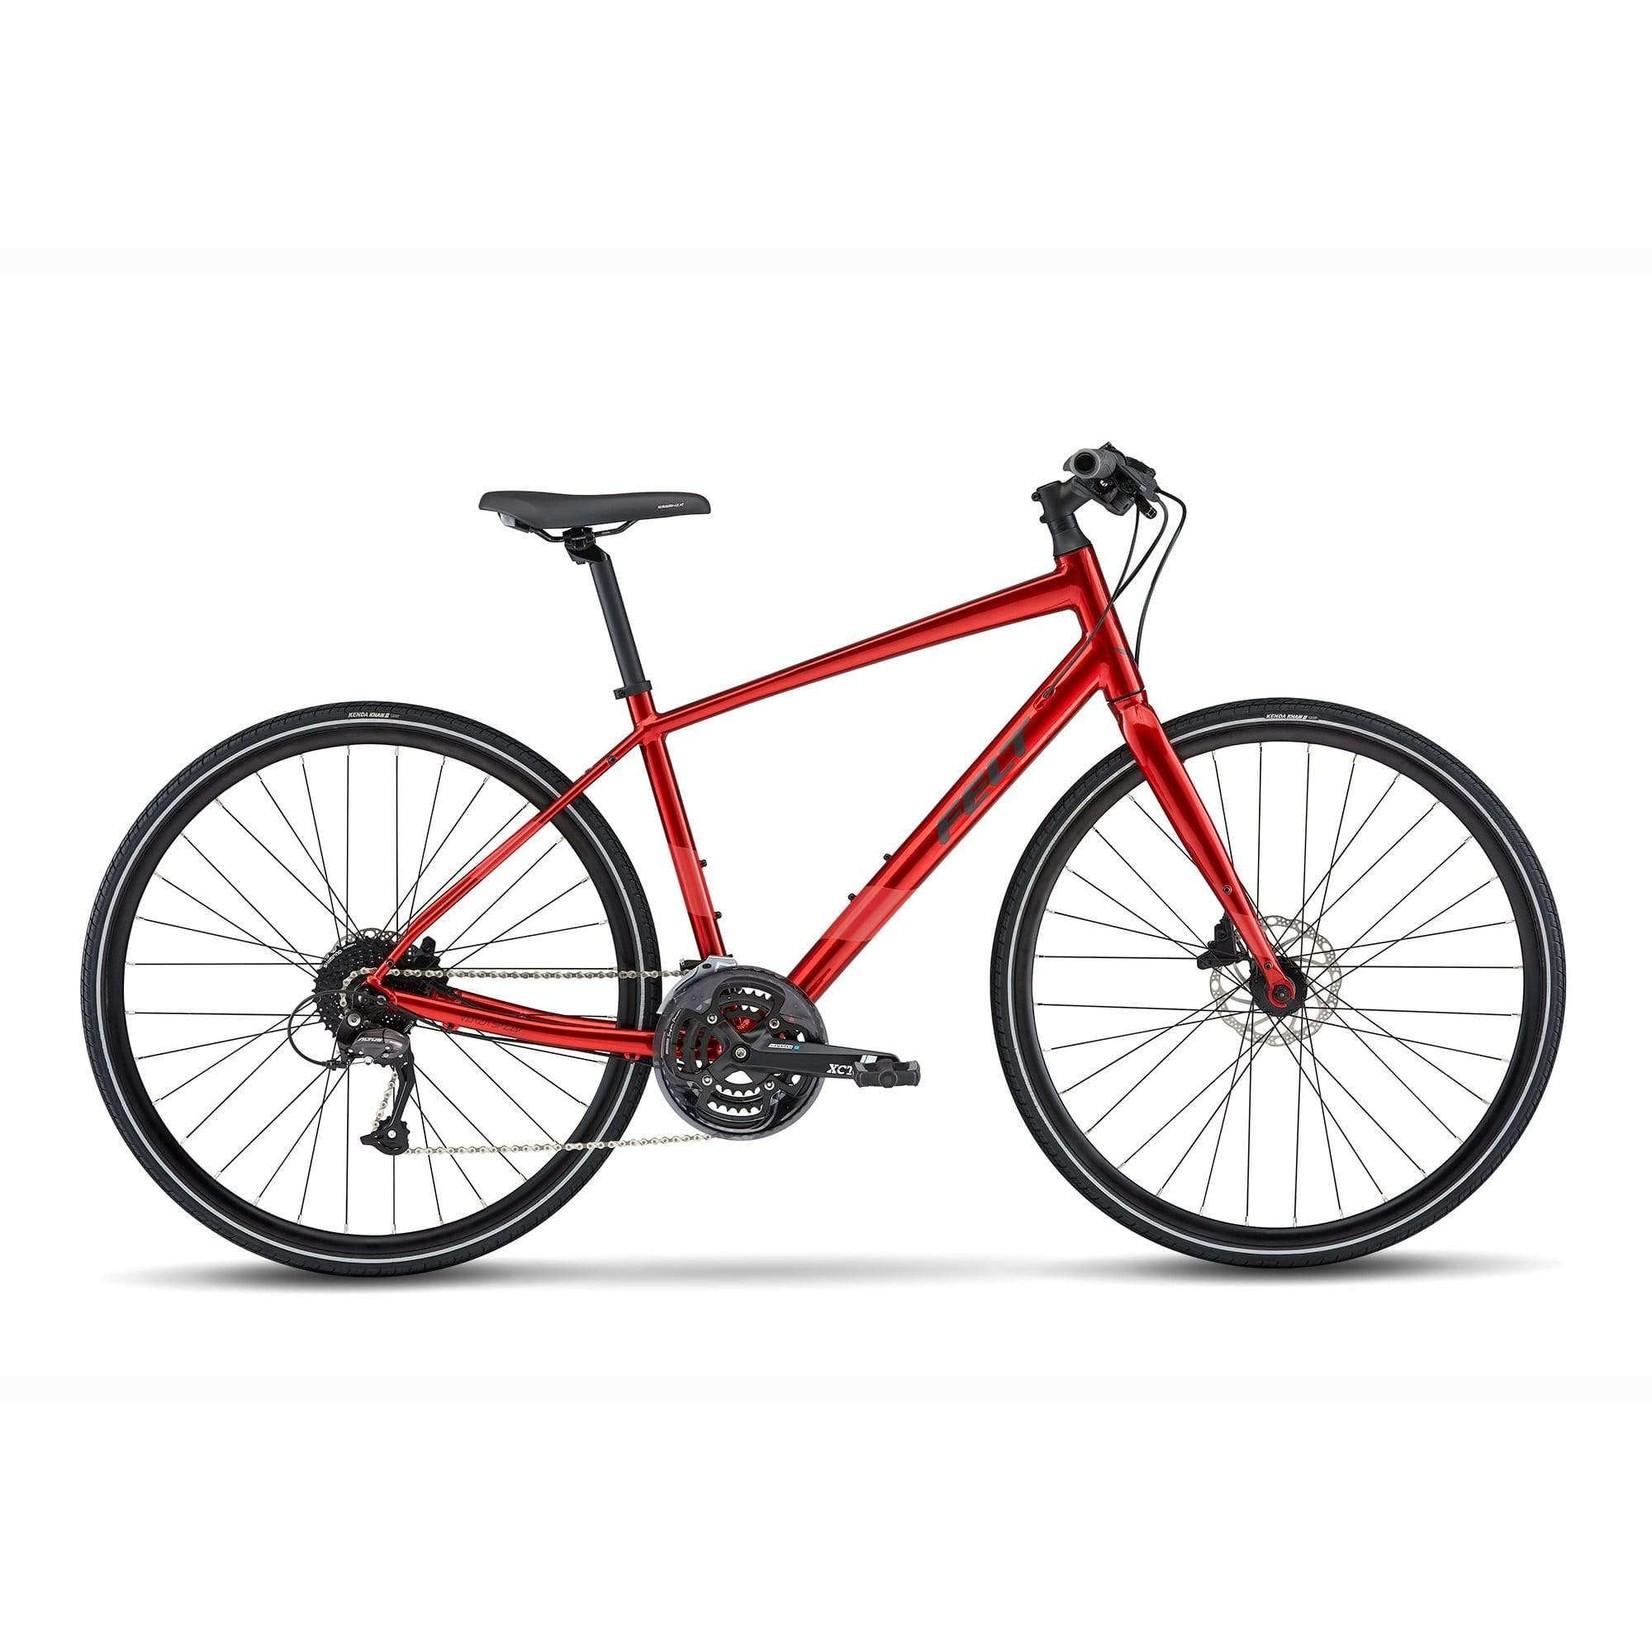 Felt Bicycles Felt Verza Speed 40